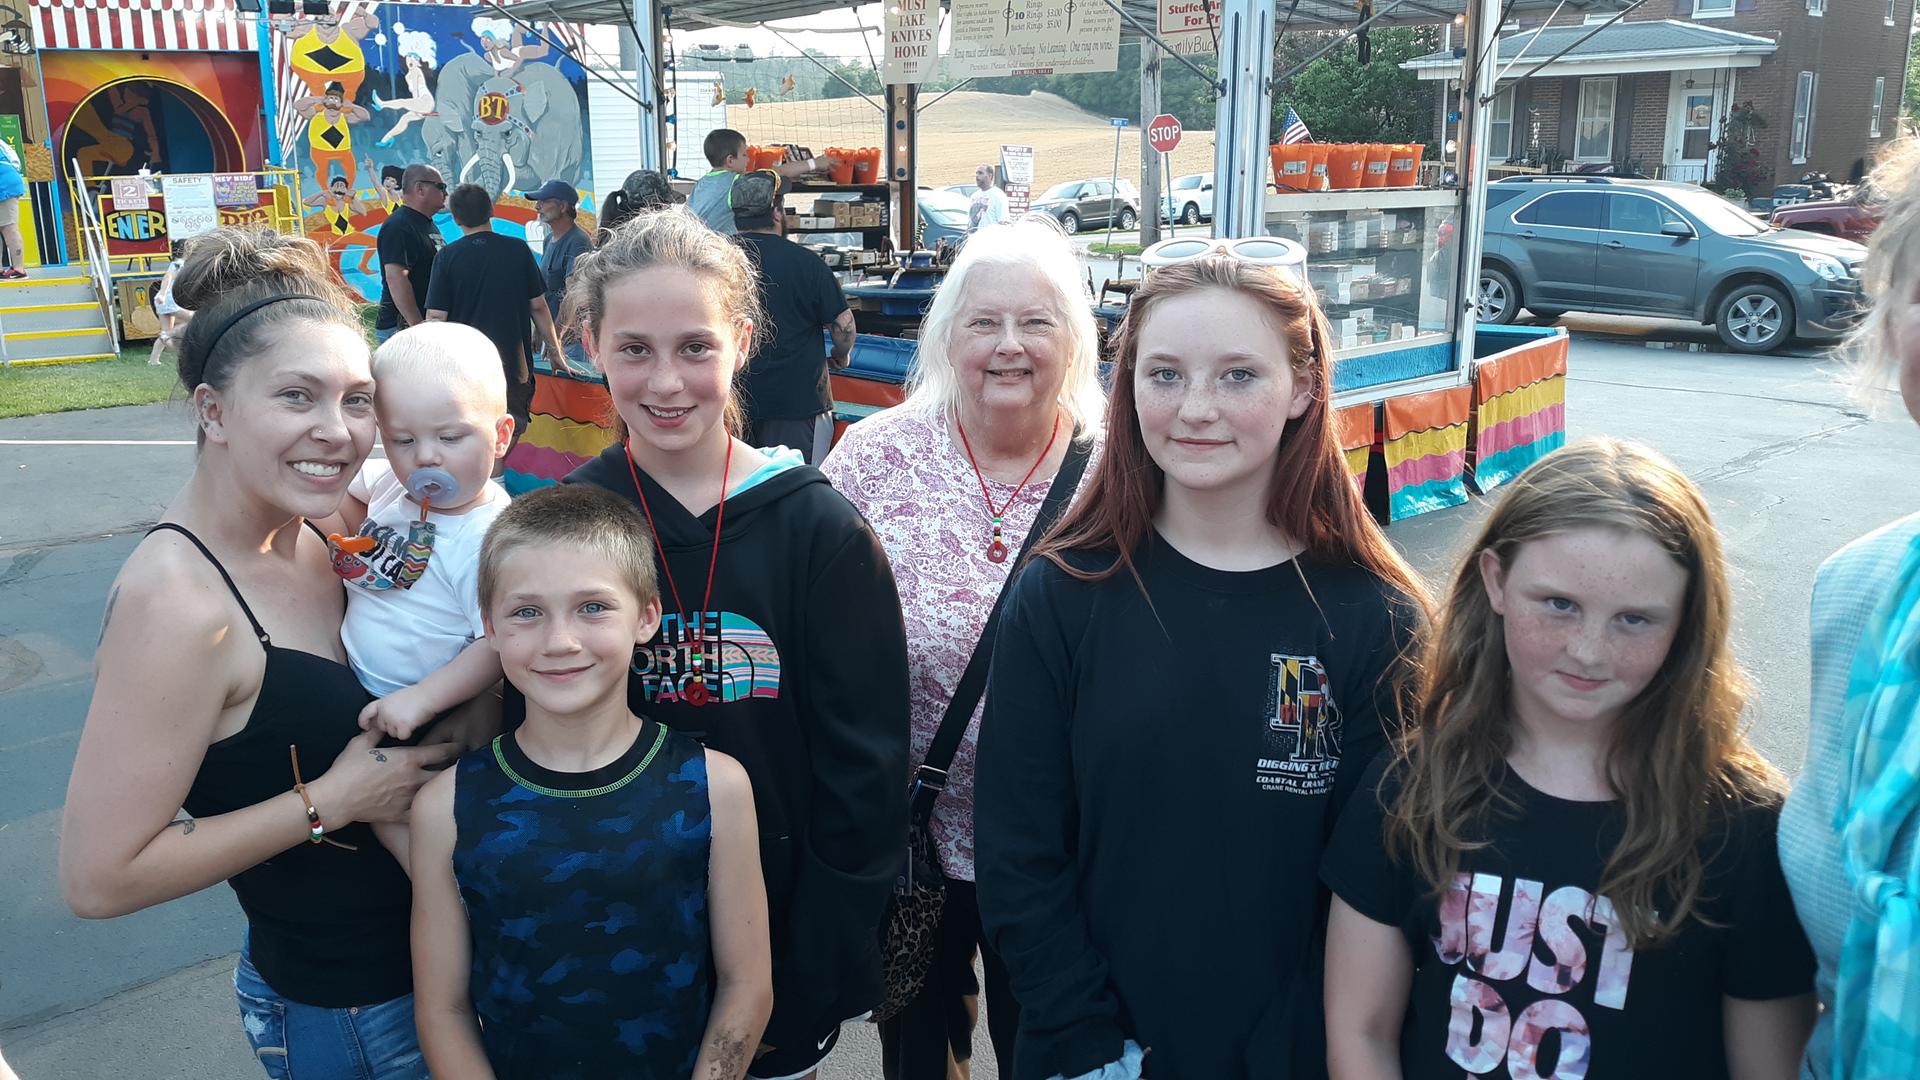 Agora Union Bridge family saved